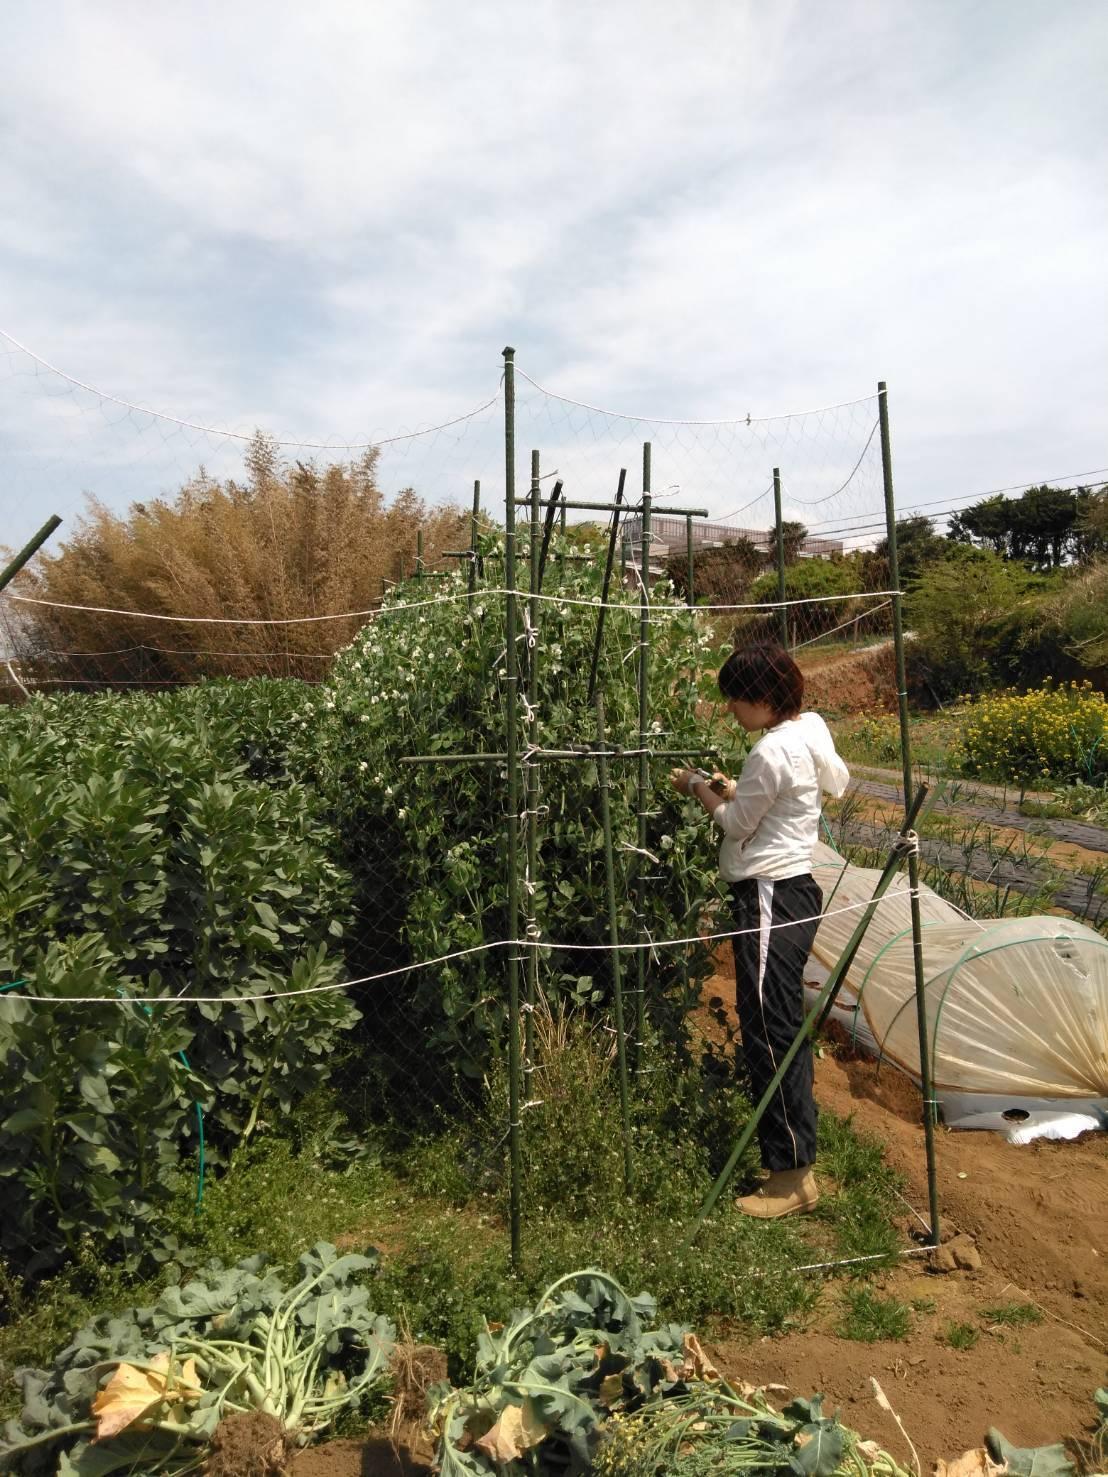 夏野菜の畝作り 今朝は4名です_c0222448_16244588.jpg